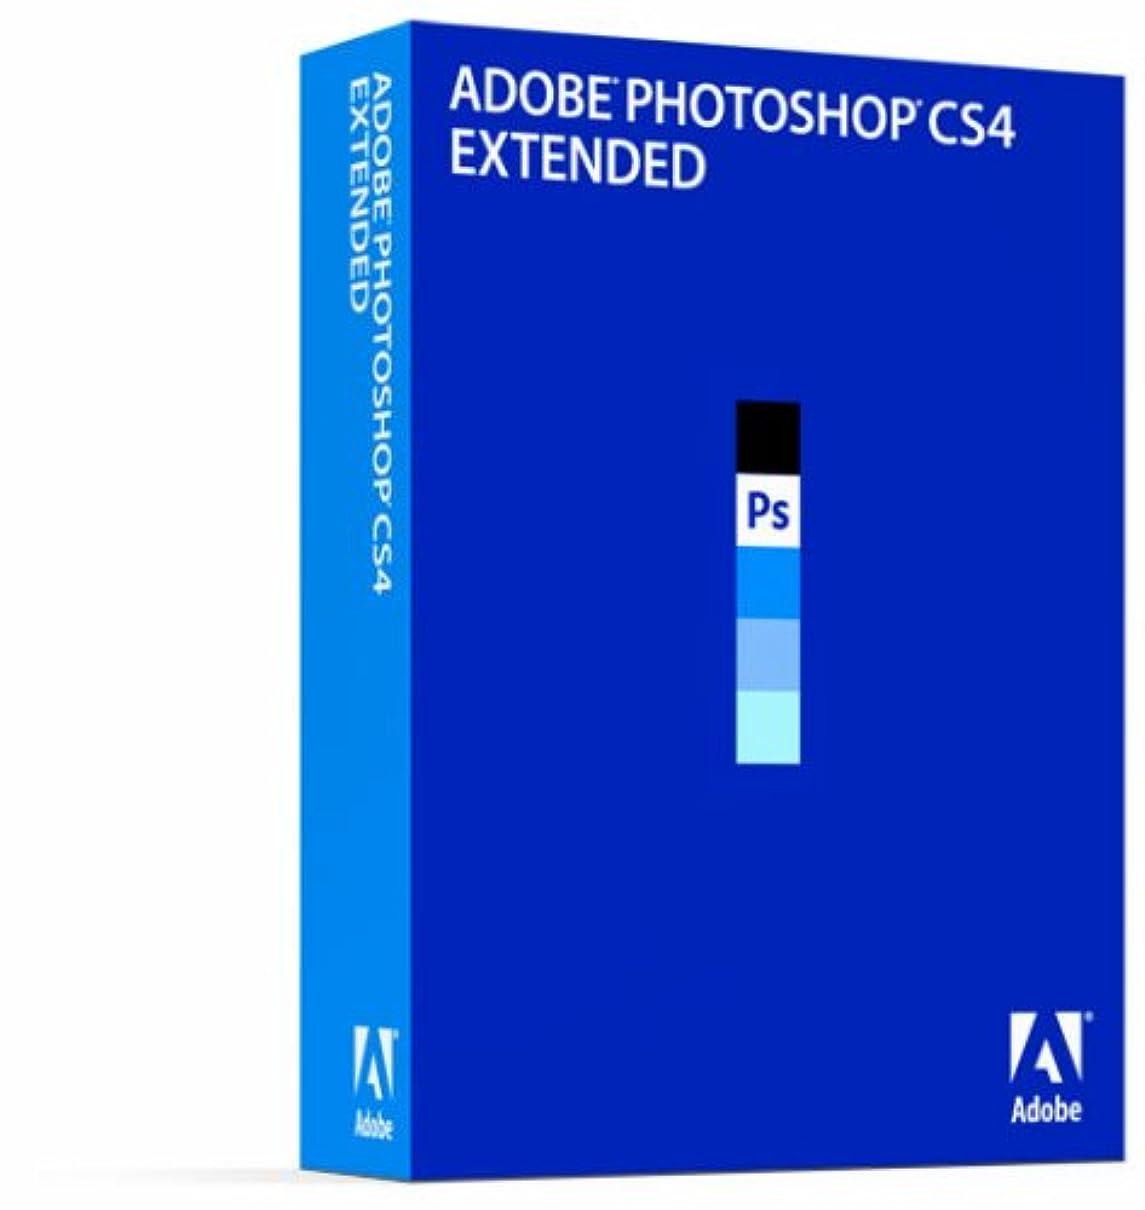 スーツサンダル緊急Adobe Photoshop CS4 Extended (V11.0) 日本語版 Macintosh版 (旧製品)